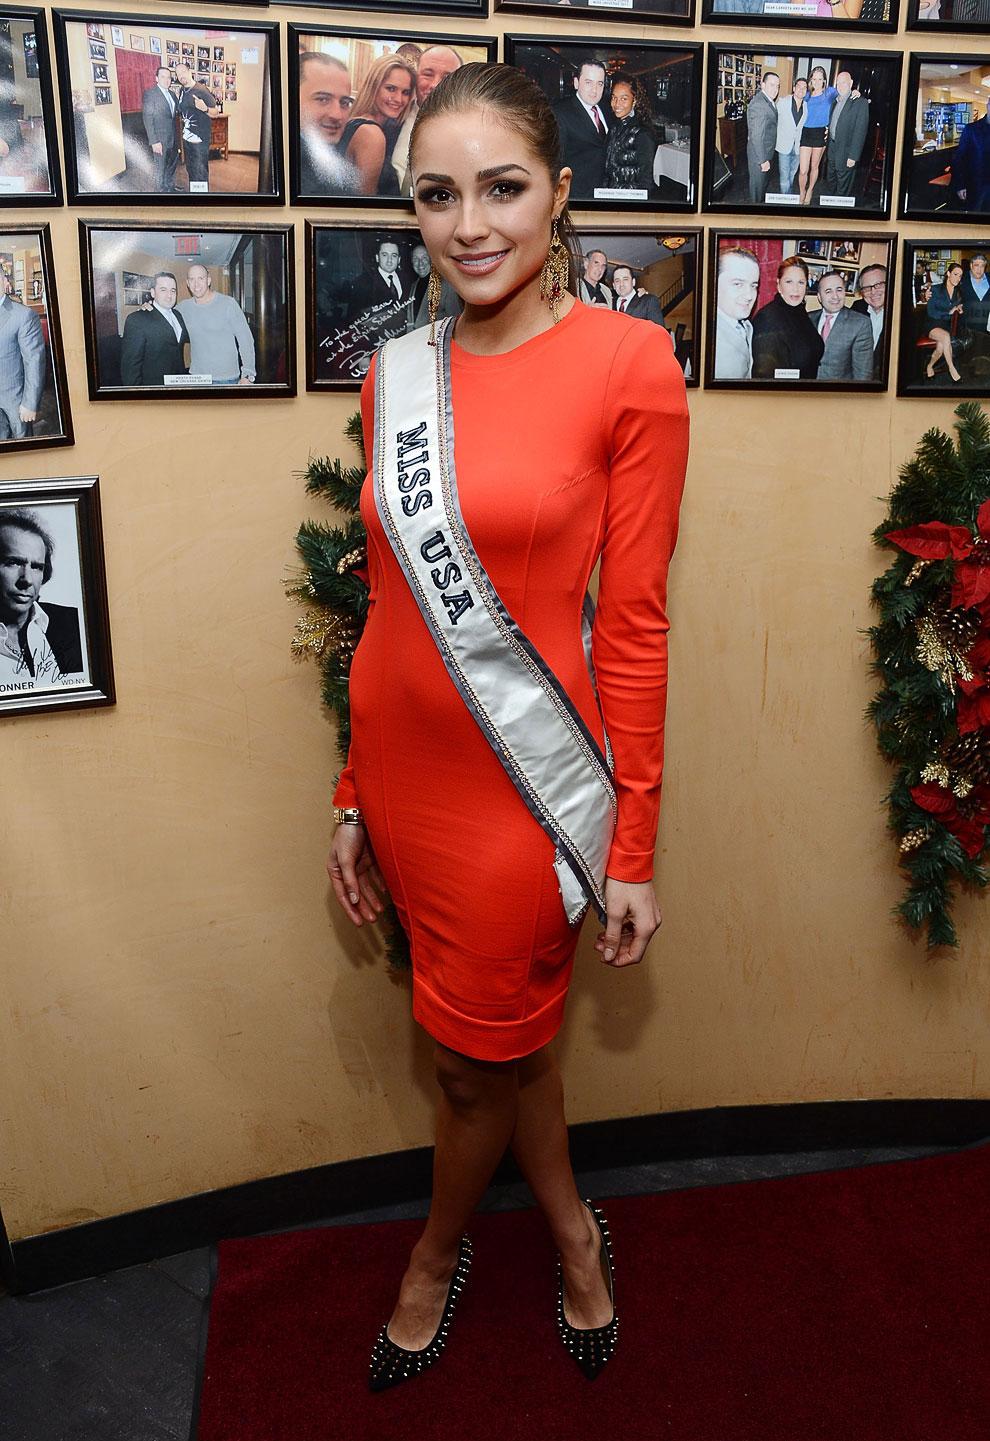 Летом 2012 года Оливия Кульпо завоевала титул «Мисс США»